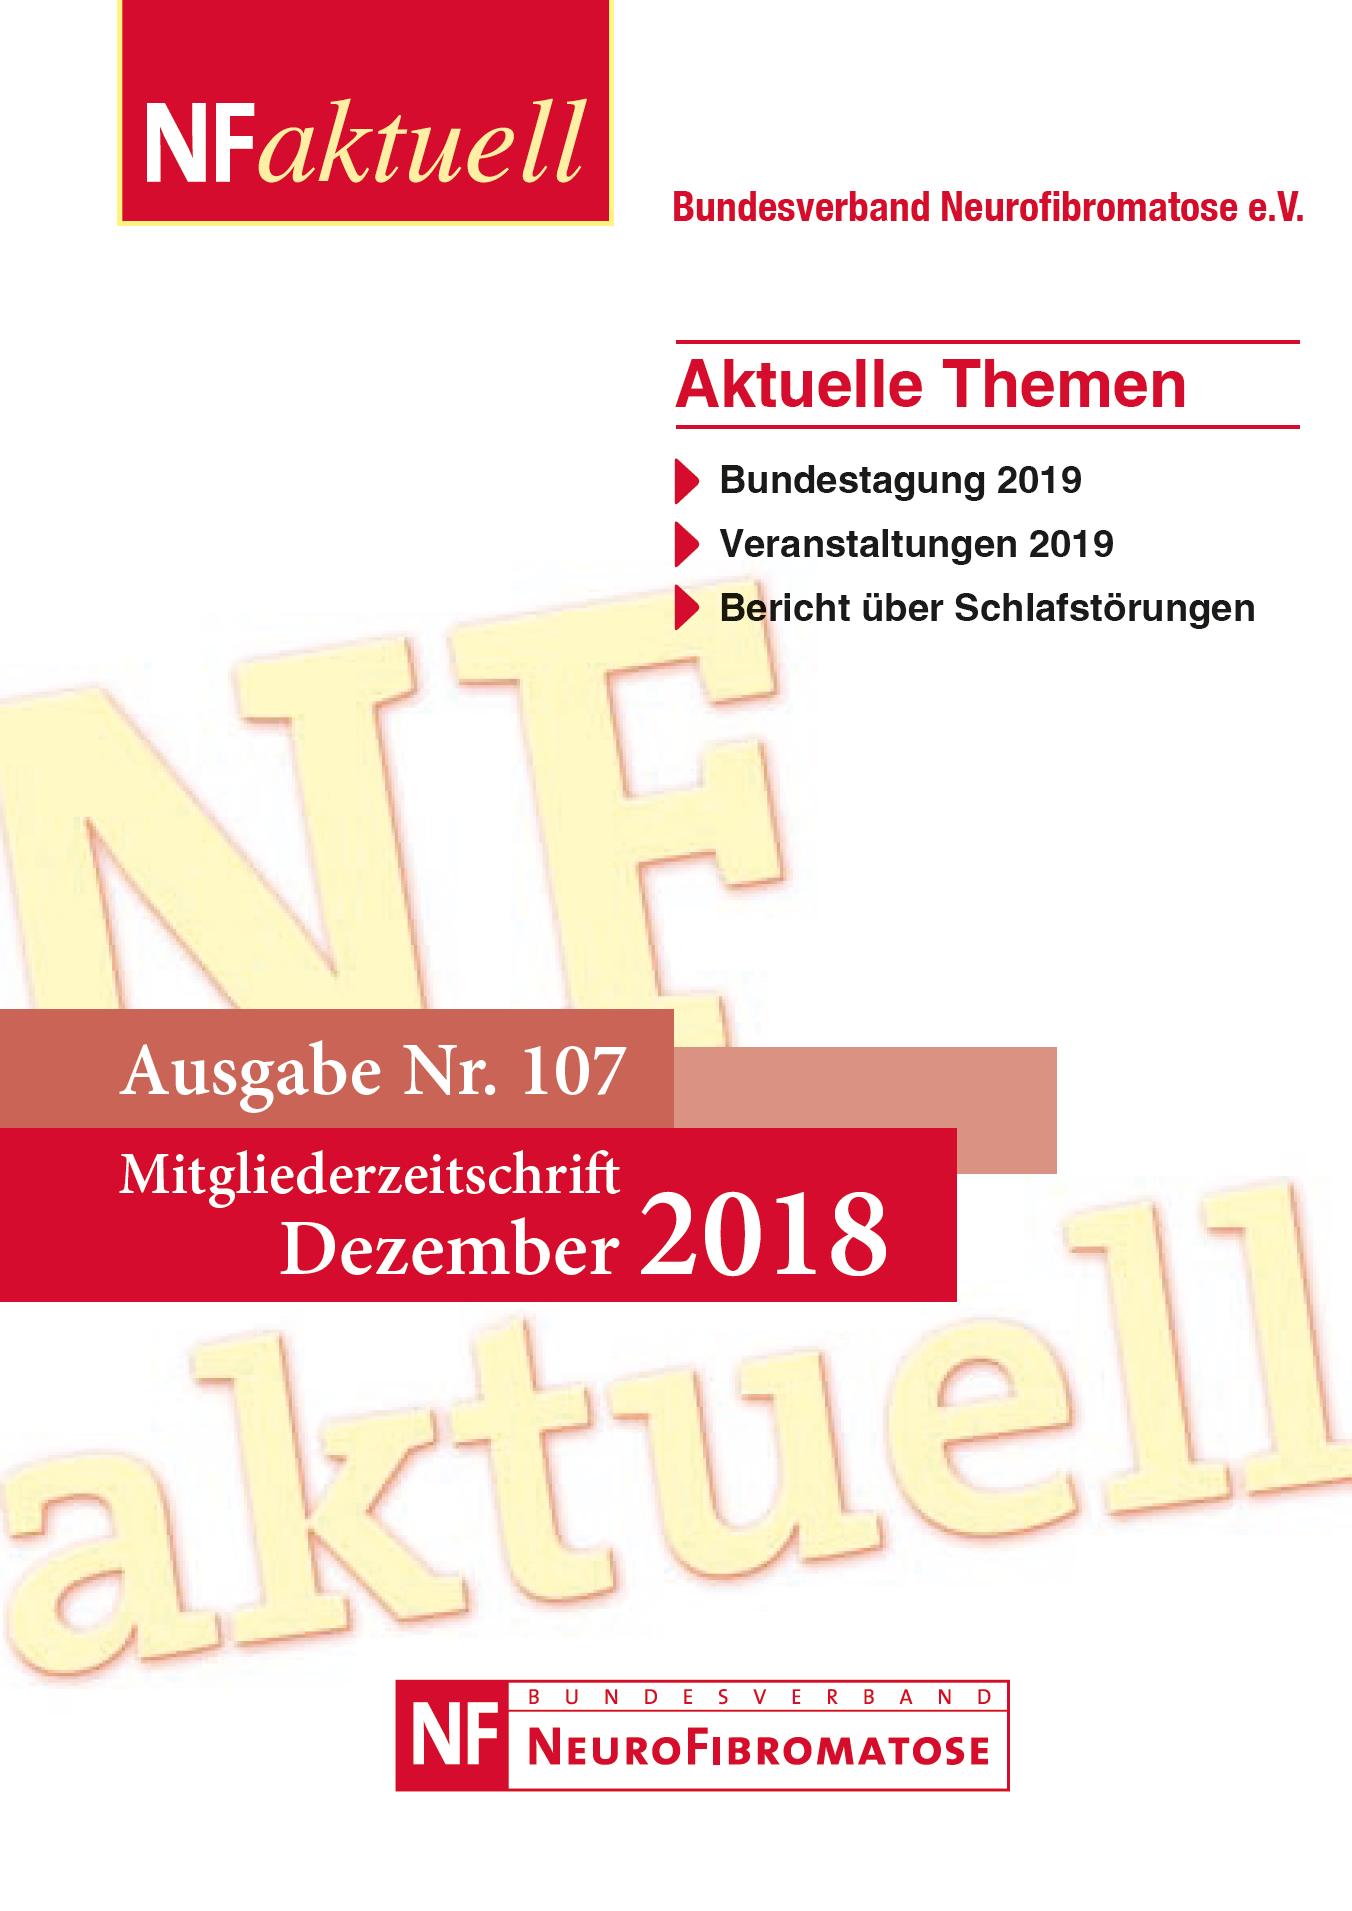 NFaktuell-N107-Dez-2018 Bundesverband Neurofibromatose Mitgliederzeitschrift